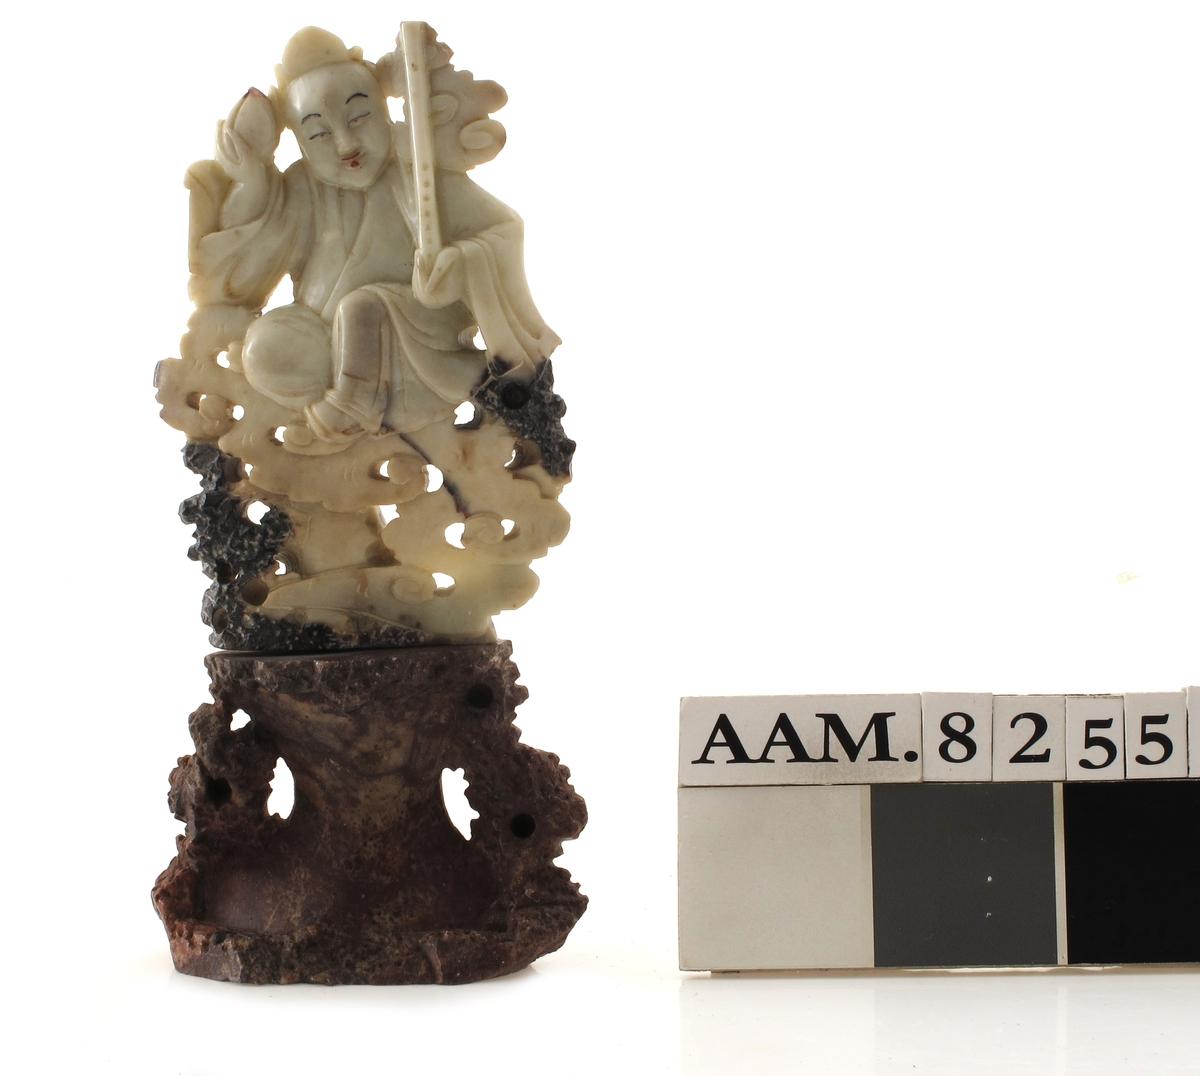 Gudebilde, skåret i alabast. Skåret ut av to stykker marmor, satt oppå hverandre. Øverste del av hvit marmor med noe sort, nedre  del av rødbrun marmor.